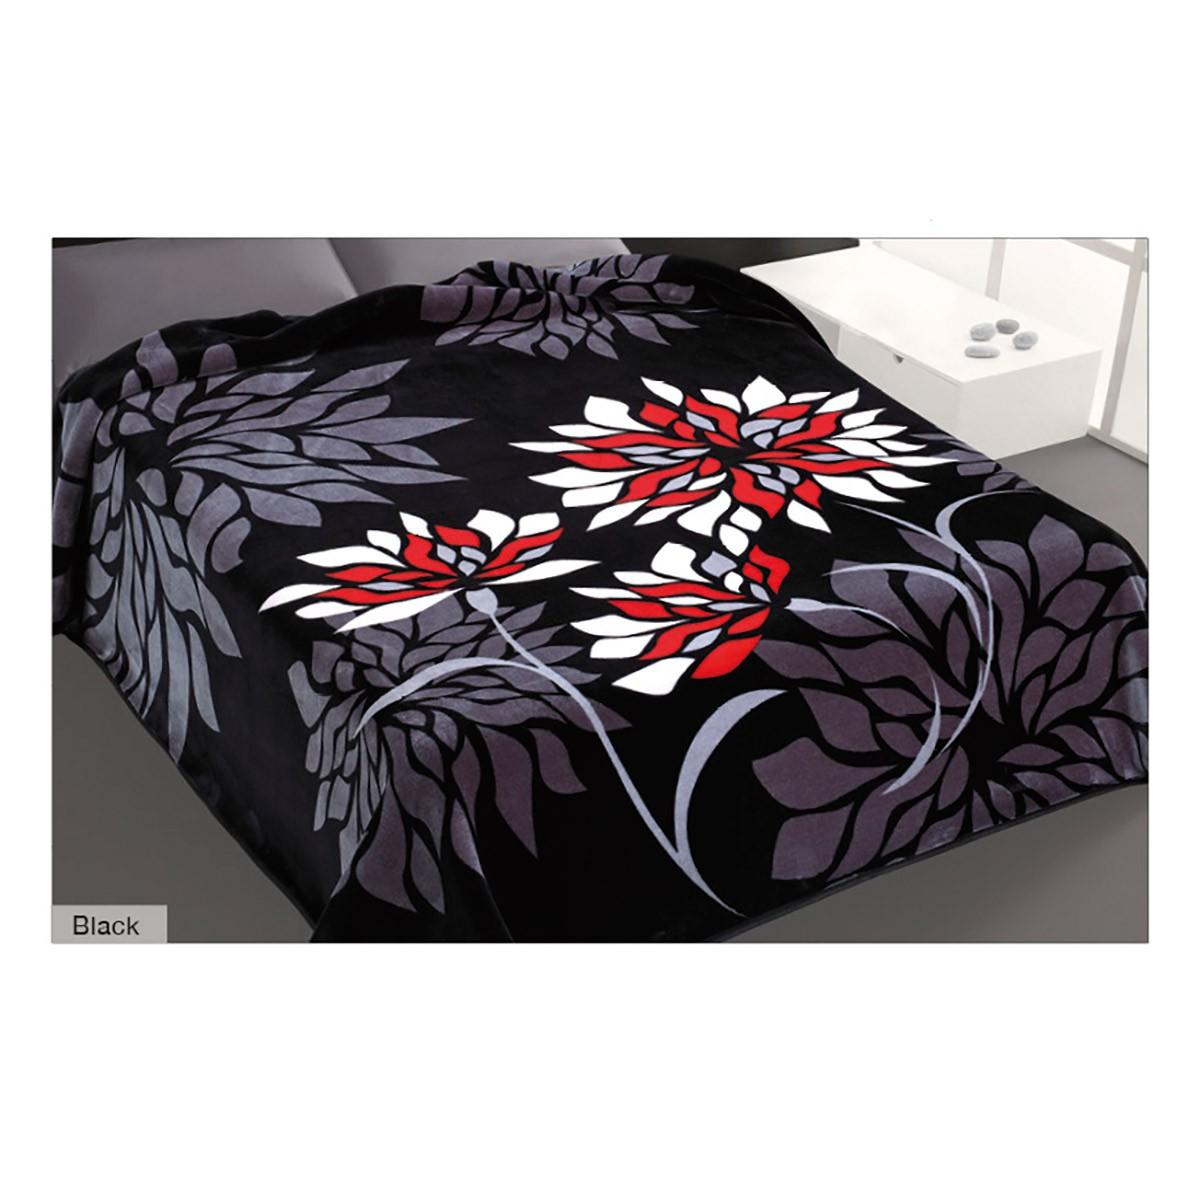 Κουβέρτα Βελουτέ Υπέρδιπλη Belpla Ster 270 Black